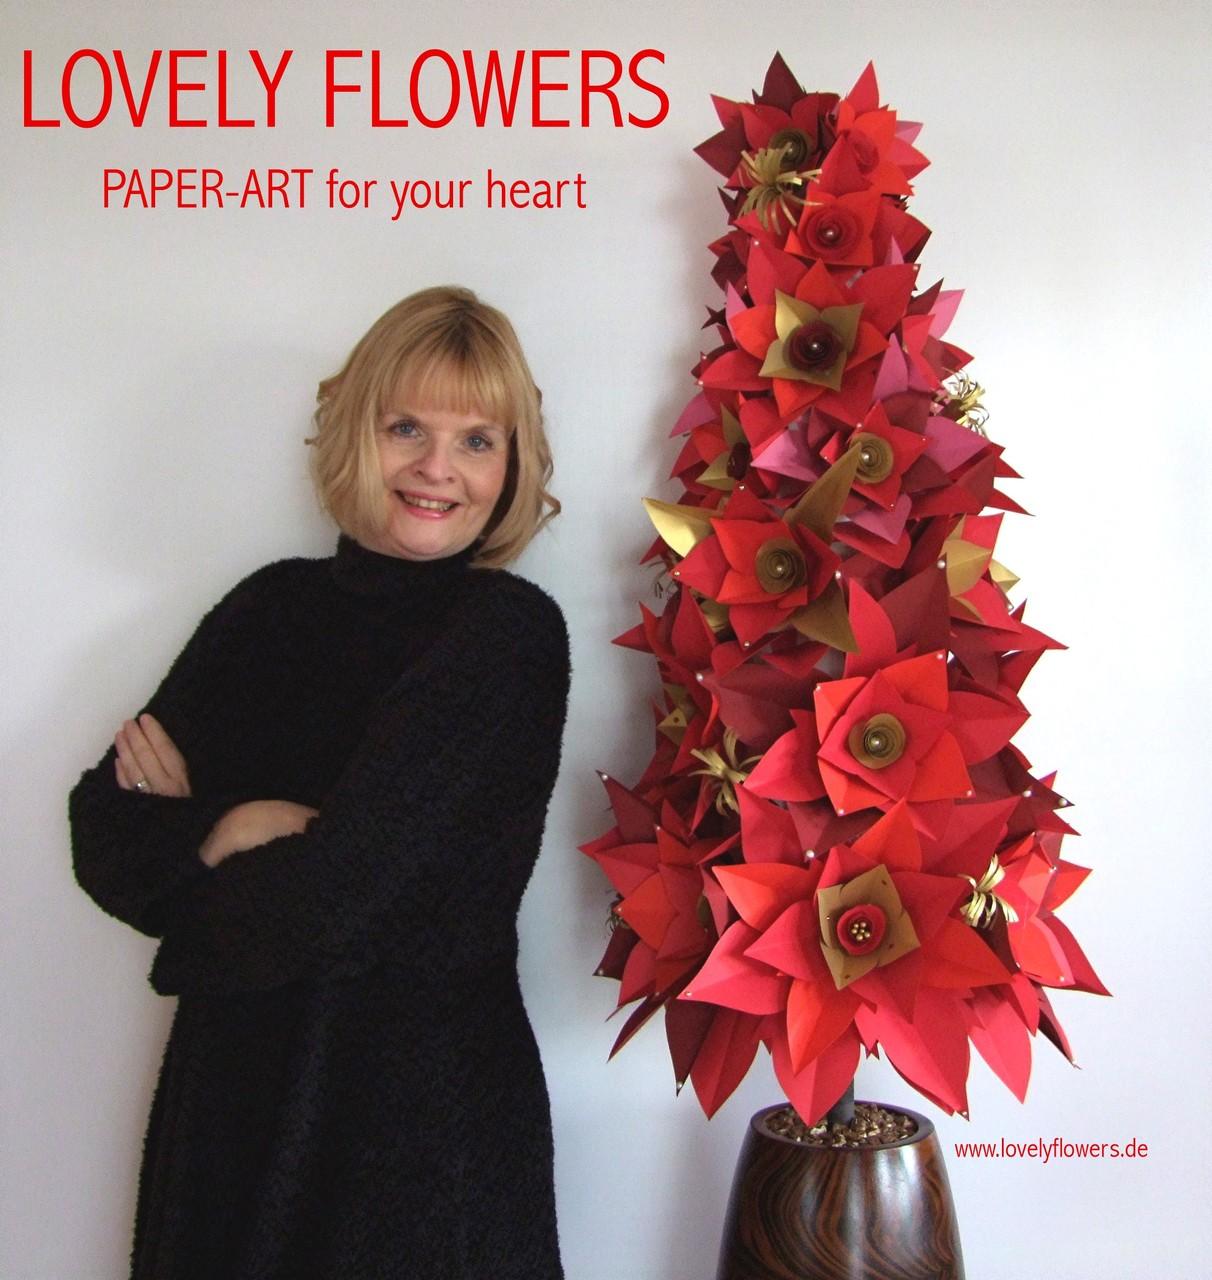 Paper-Art Prunkvasendekoration 'Weihnachts-Winter-Hochzeit' von www.lovelyflowers.de in der Residenz zu Salzburg/Österreich